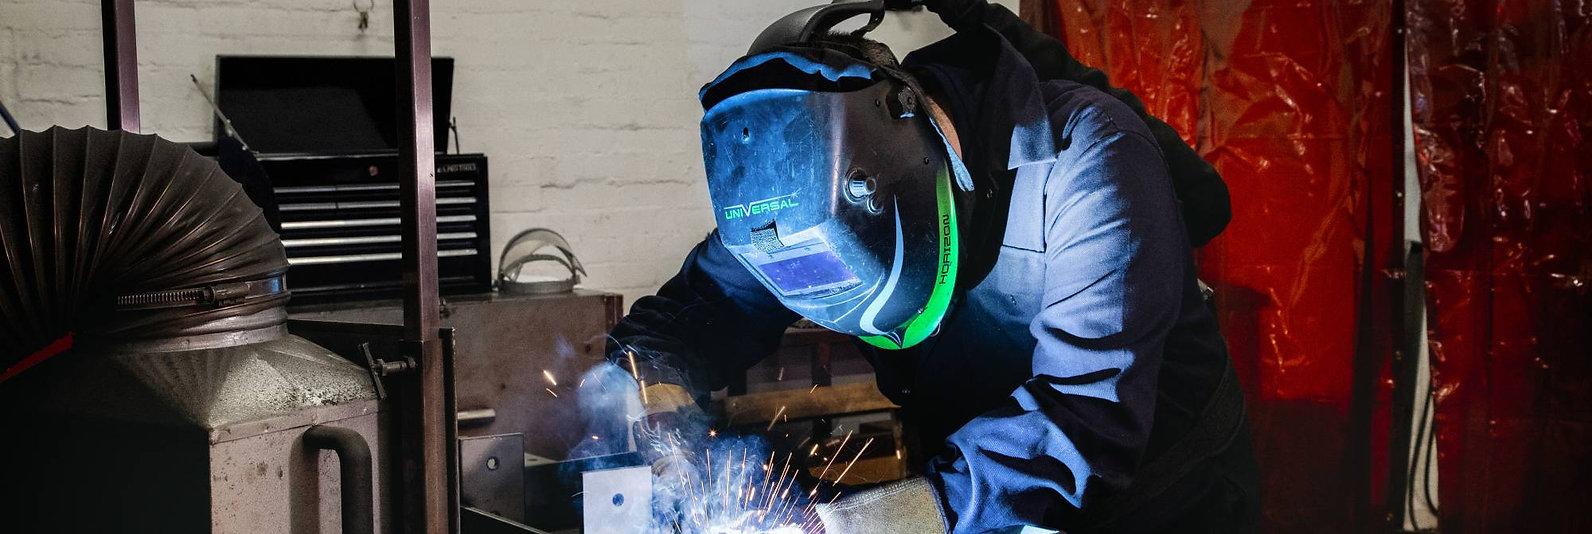 manual welding banner.jpg